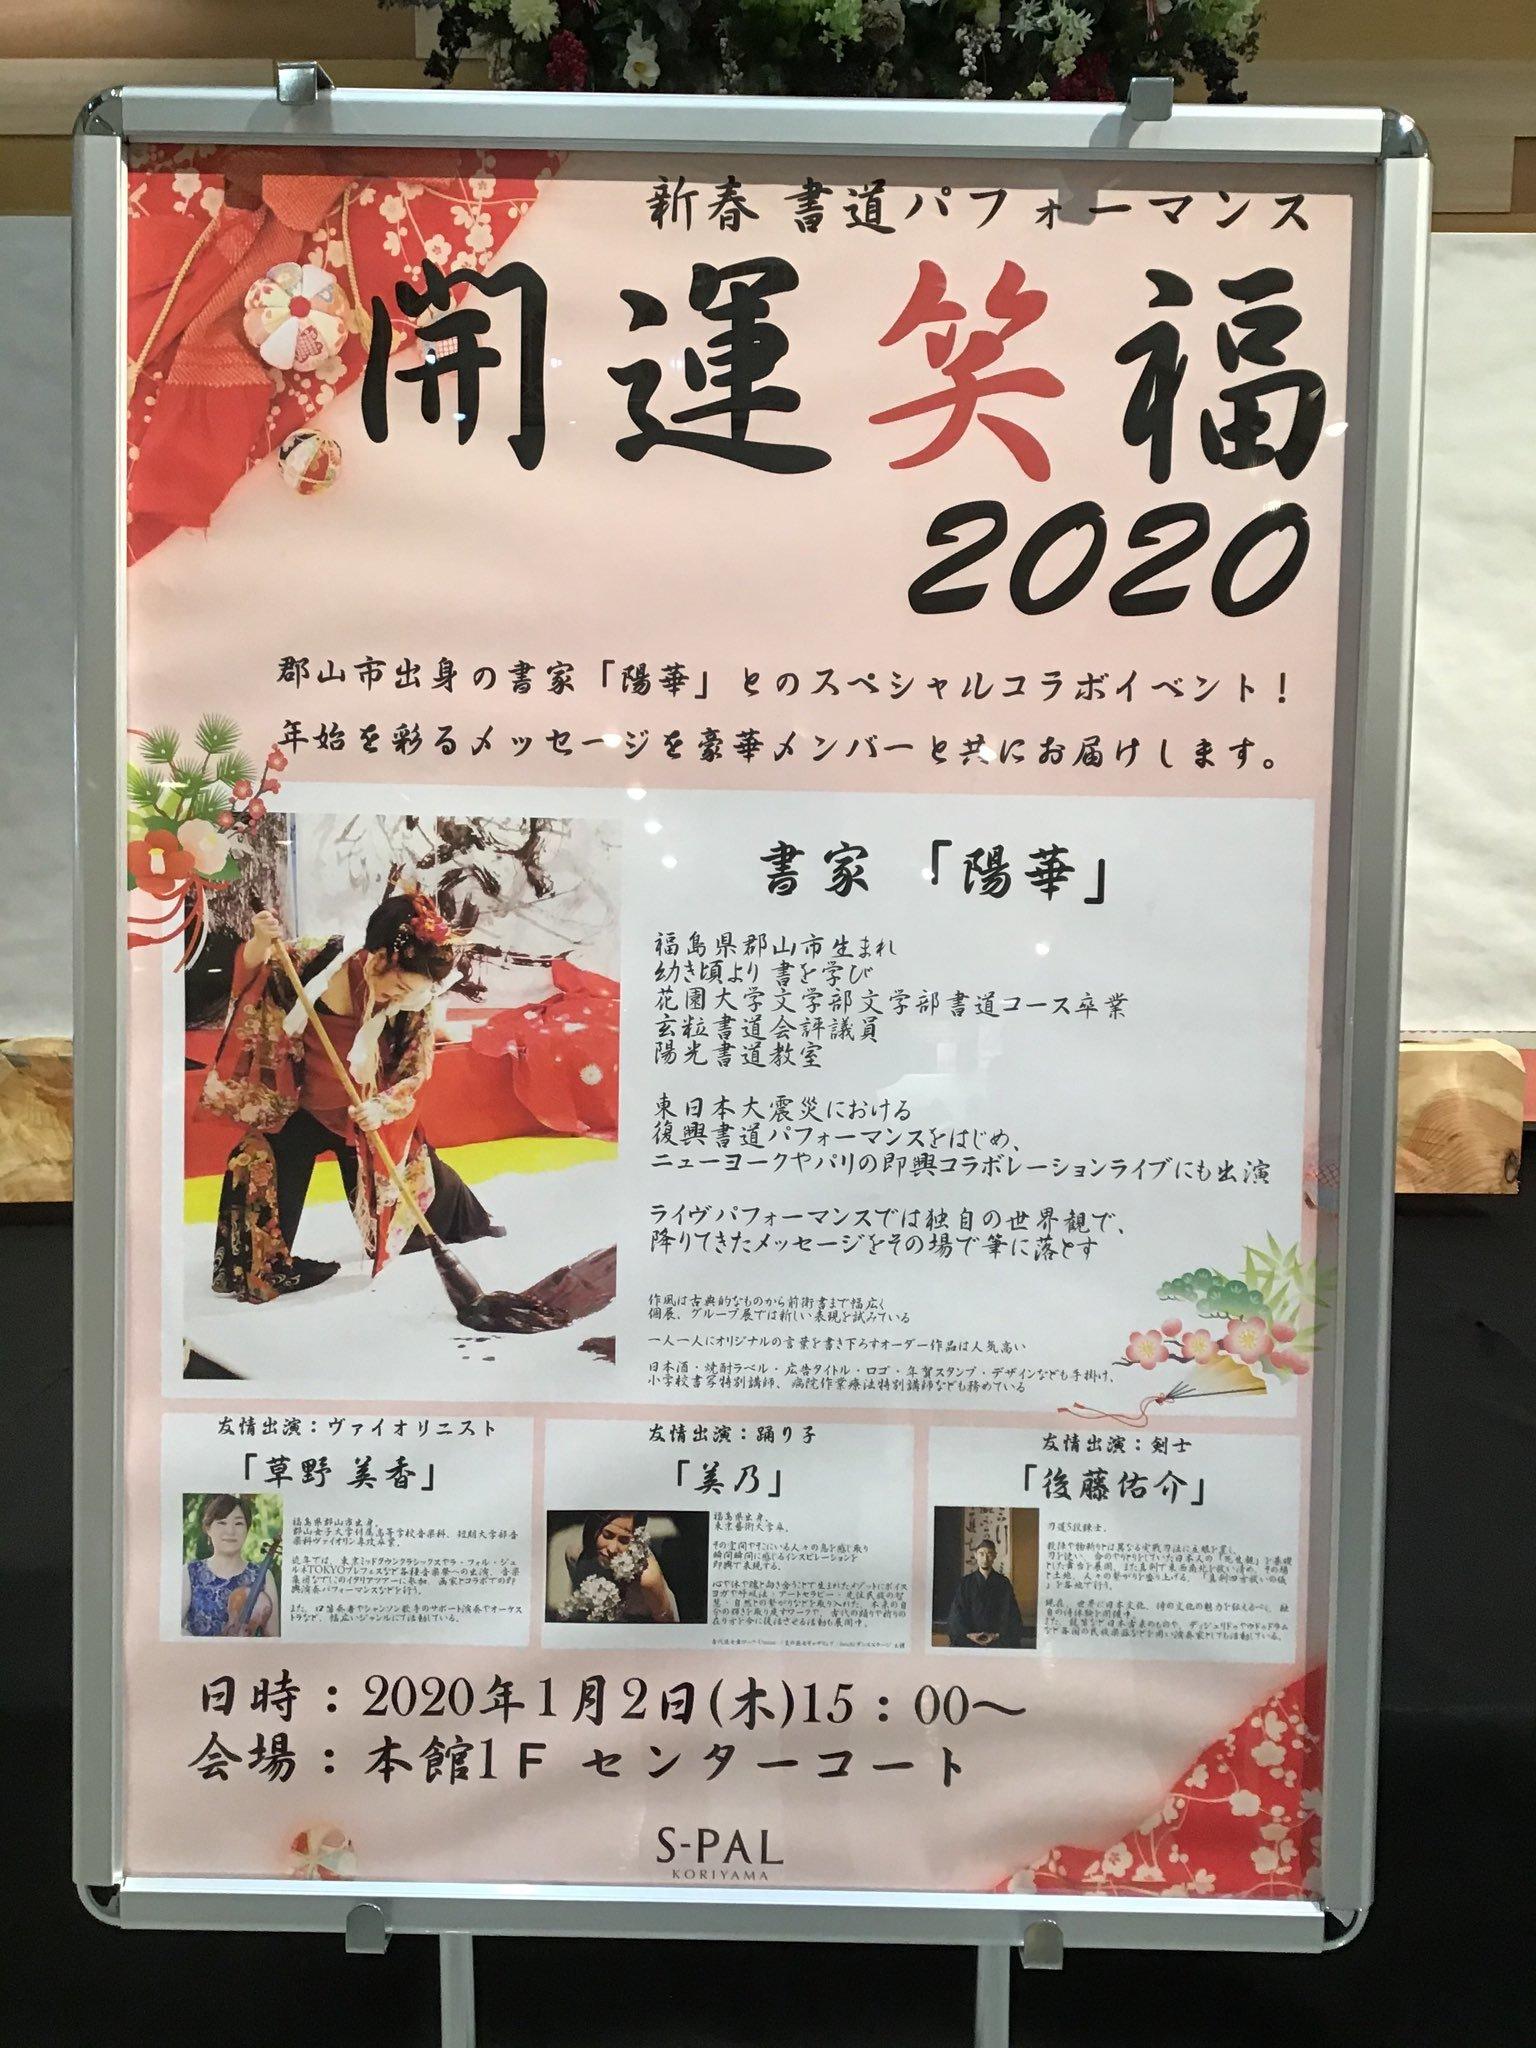 書家・陽華さんの書道パフォーマンス「開運笑福2020」_c0141989_23263043.jpg